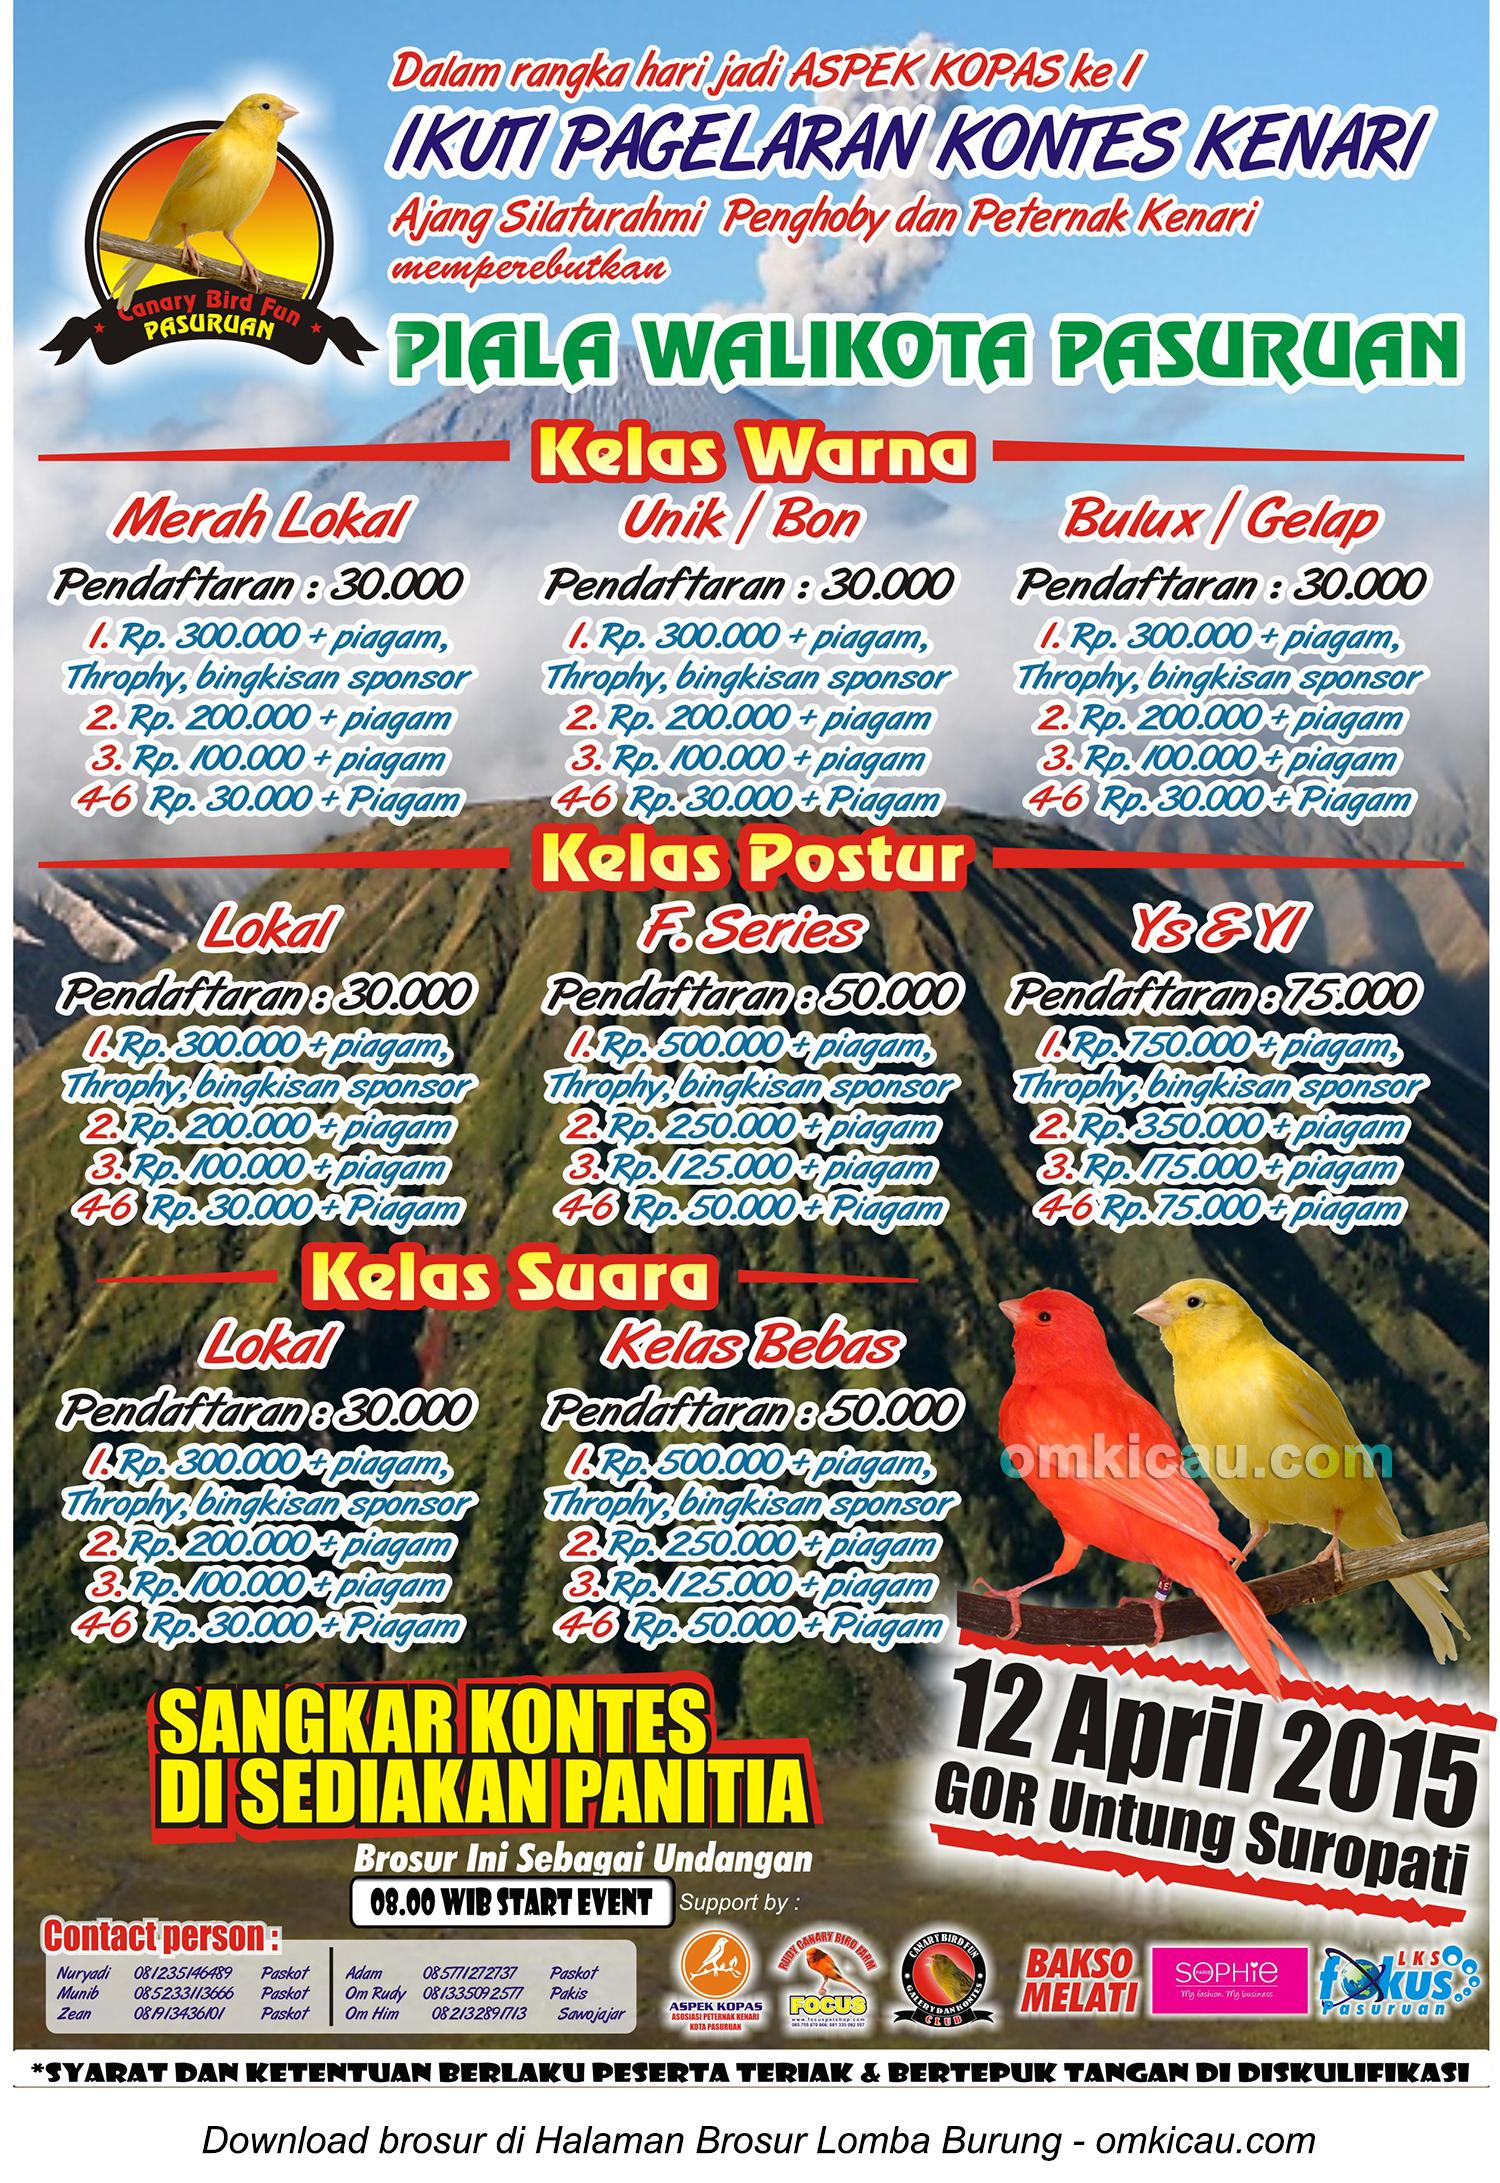 Brosur Kontes Kenari Piala Wali Kota Pasuruan, 12 April 2015